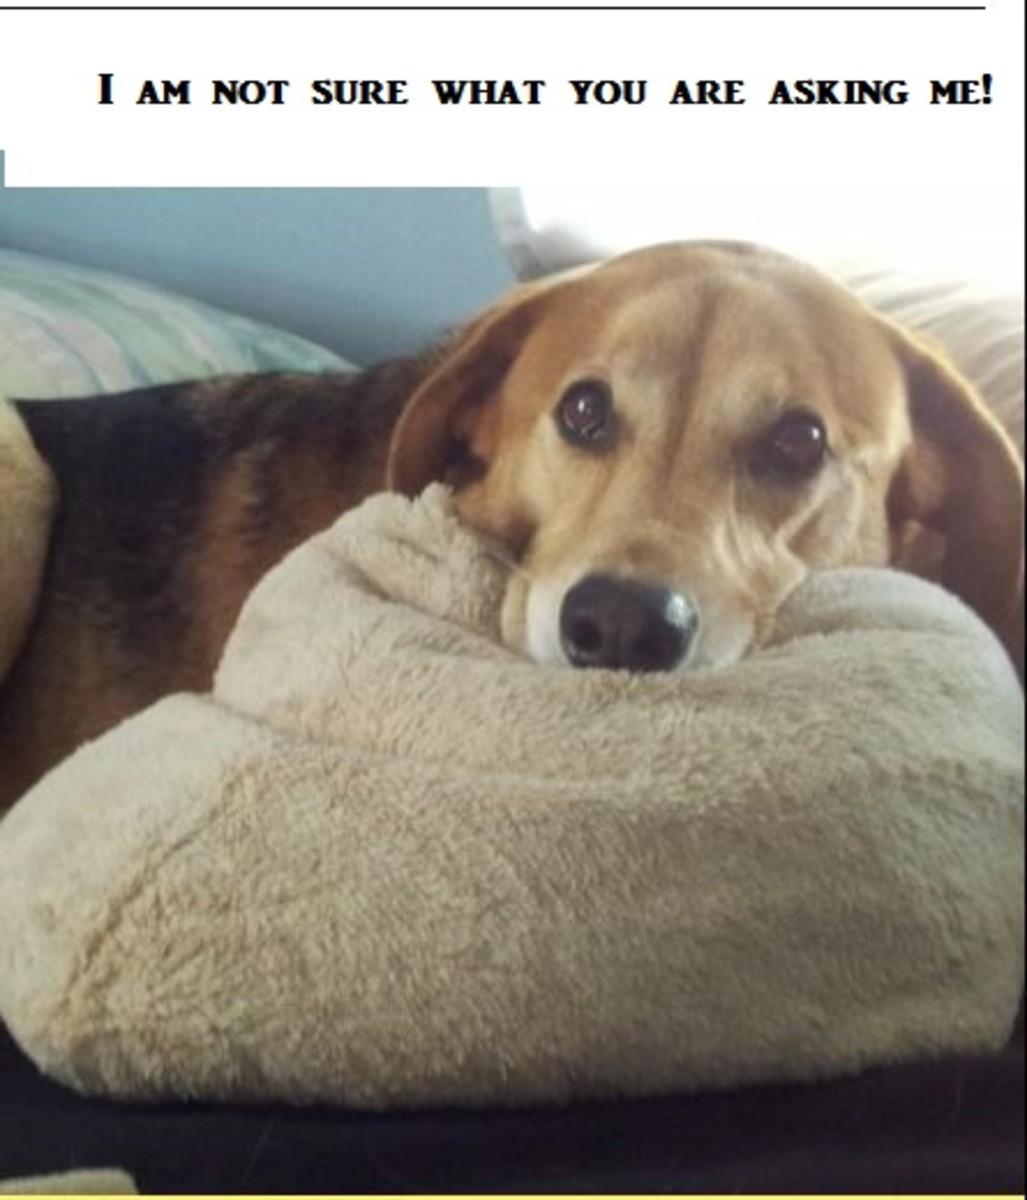 get-dog-off-bed